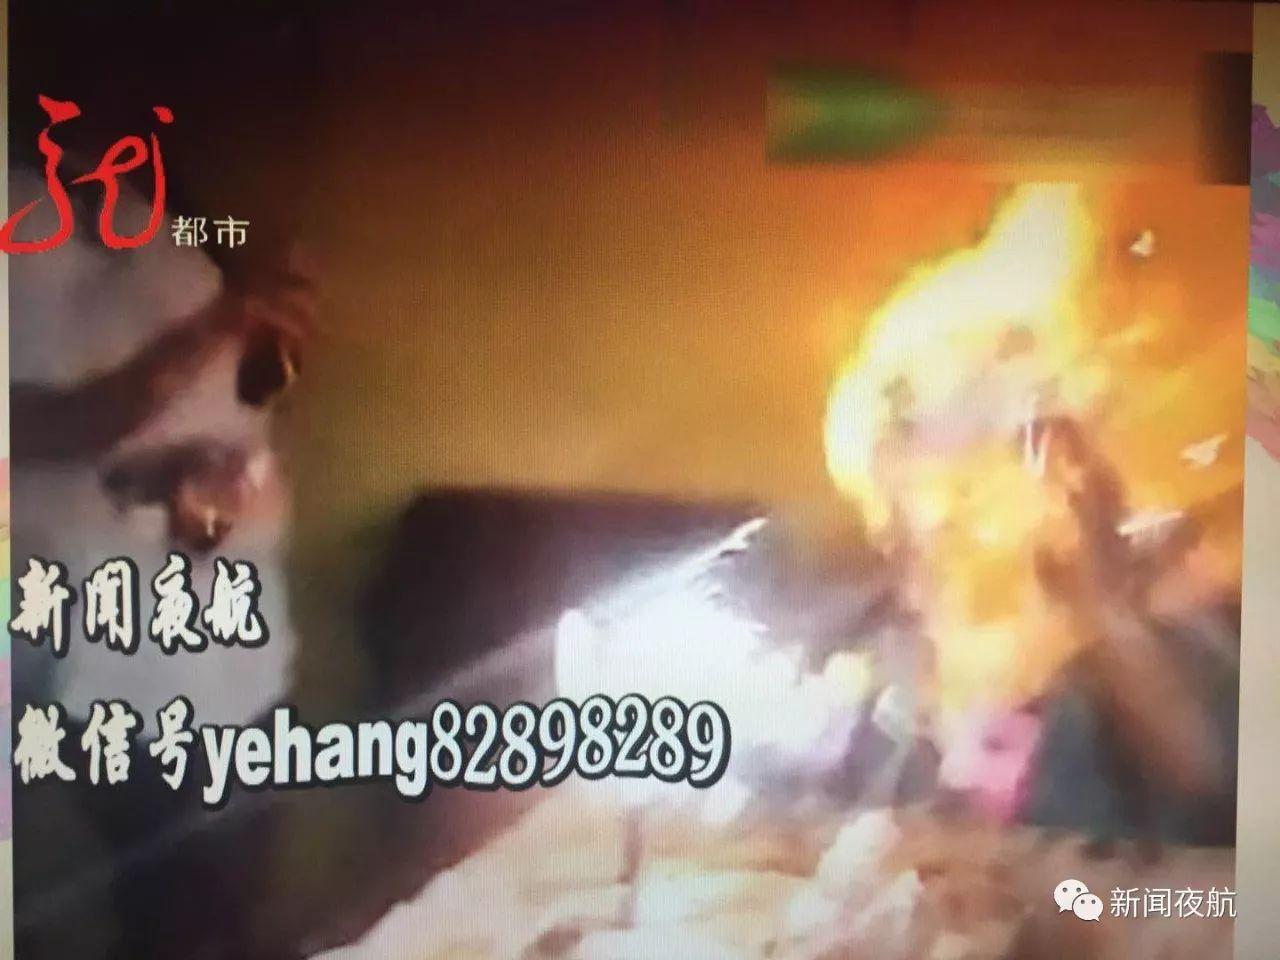 女孩庆生玩喷雪 身上泡沫突然瞬间被烧着(图)闽南男科网